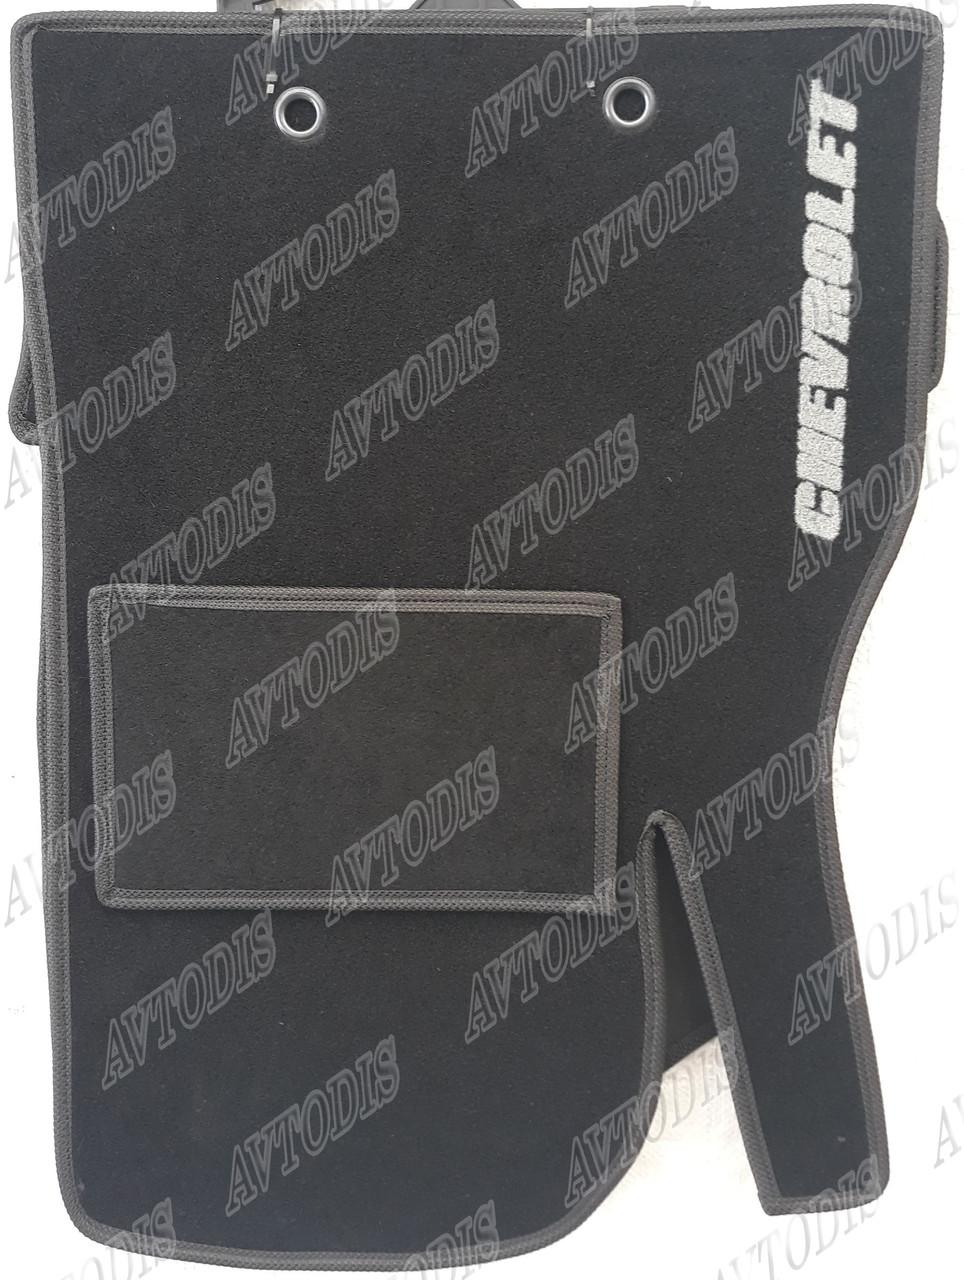 Ворсовые коврики Chevrolet Aveo 2012- VIP ЛЮКС АВТО-ВОРС